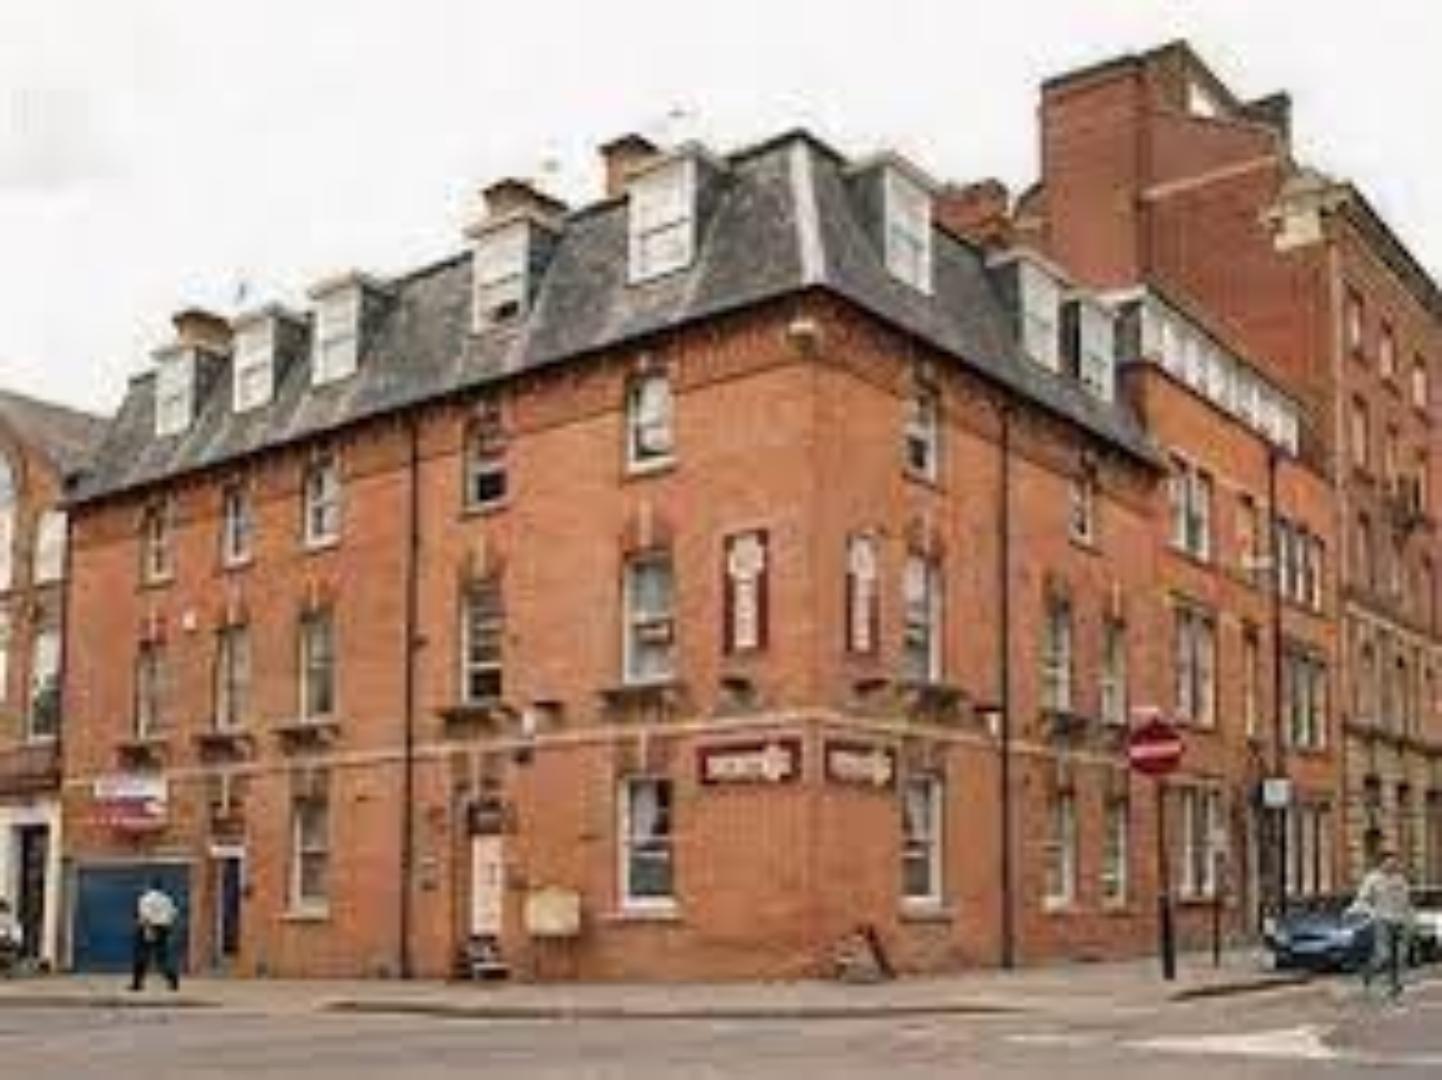 A large brick building at Castle Park Hotel.